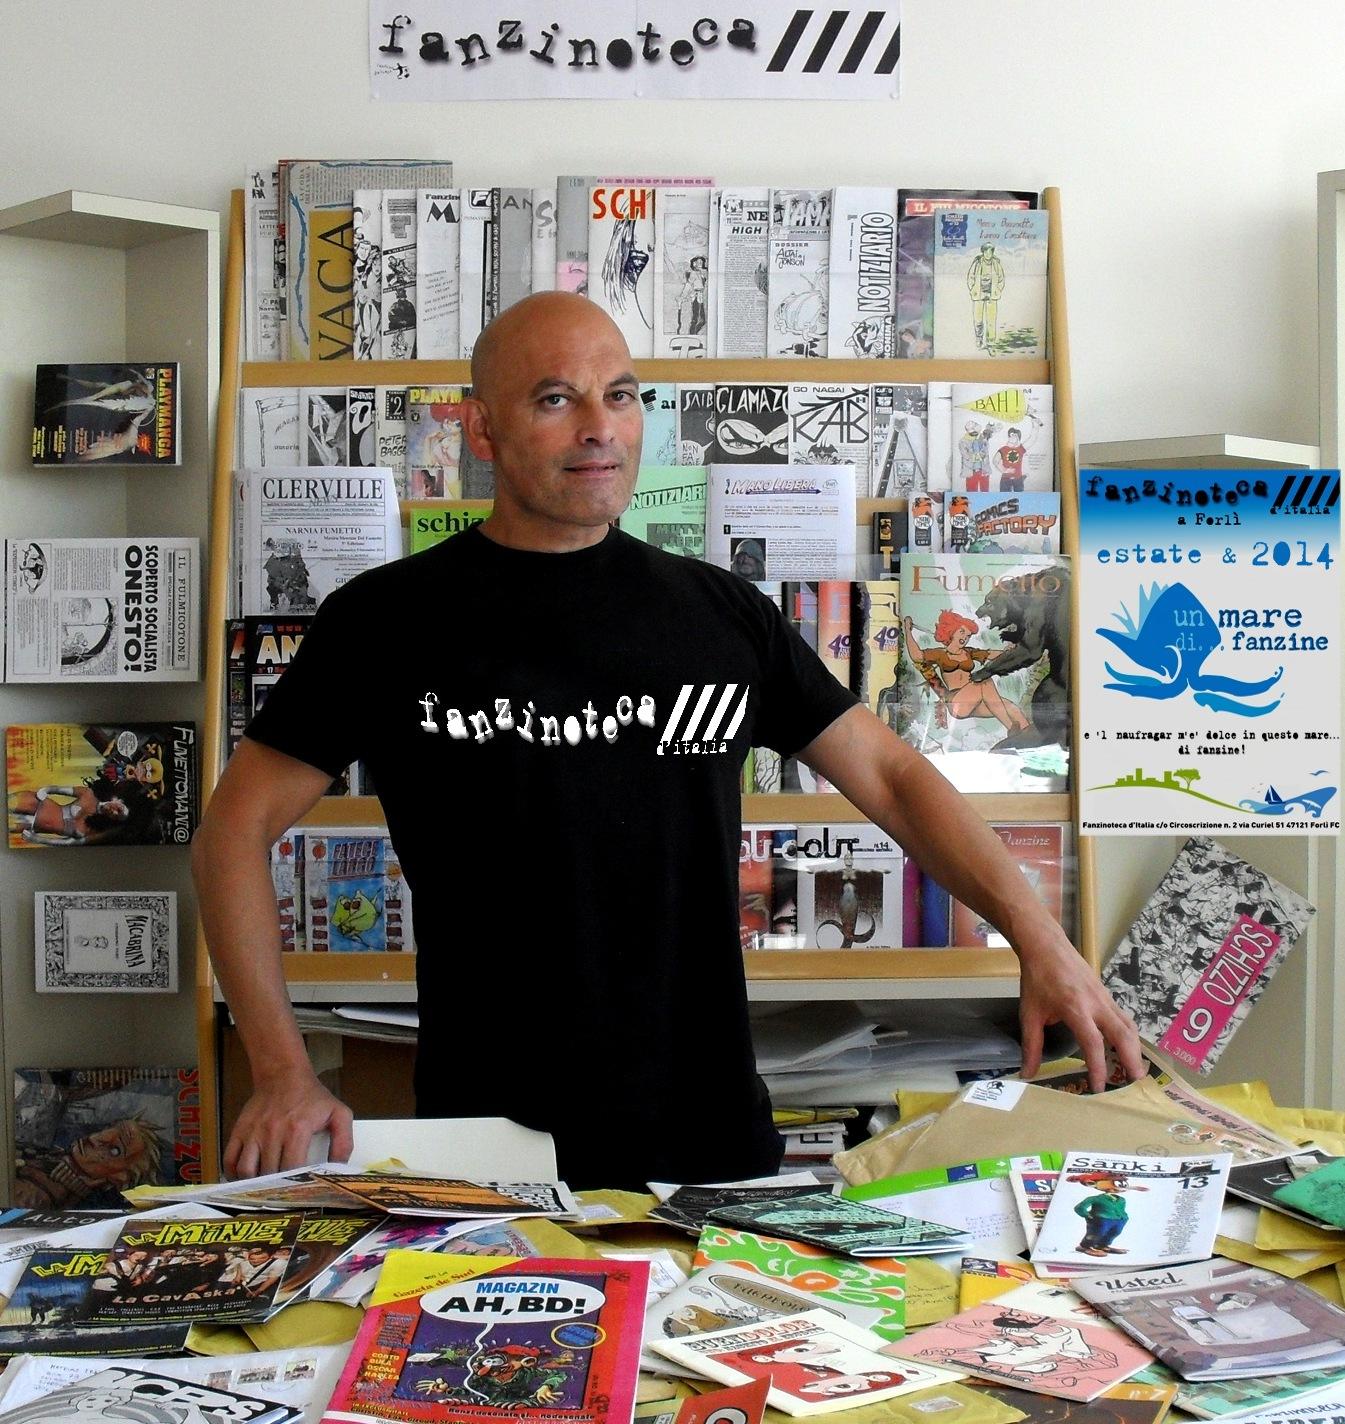 """""""Un Mare di... Fanzine"""" alla Fanzinoteca d'Italia e l'esperto Fanzinotecario Gianluca Umiliacchi 2014"""